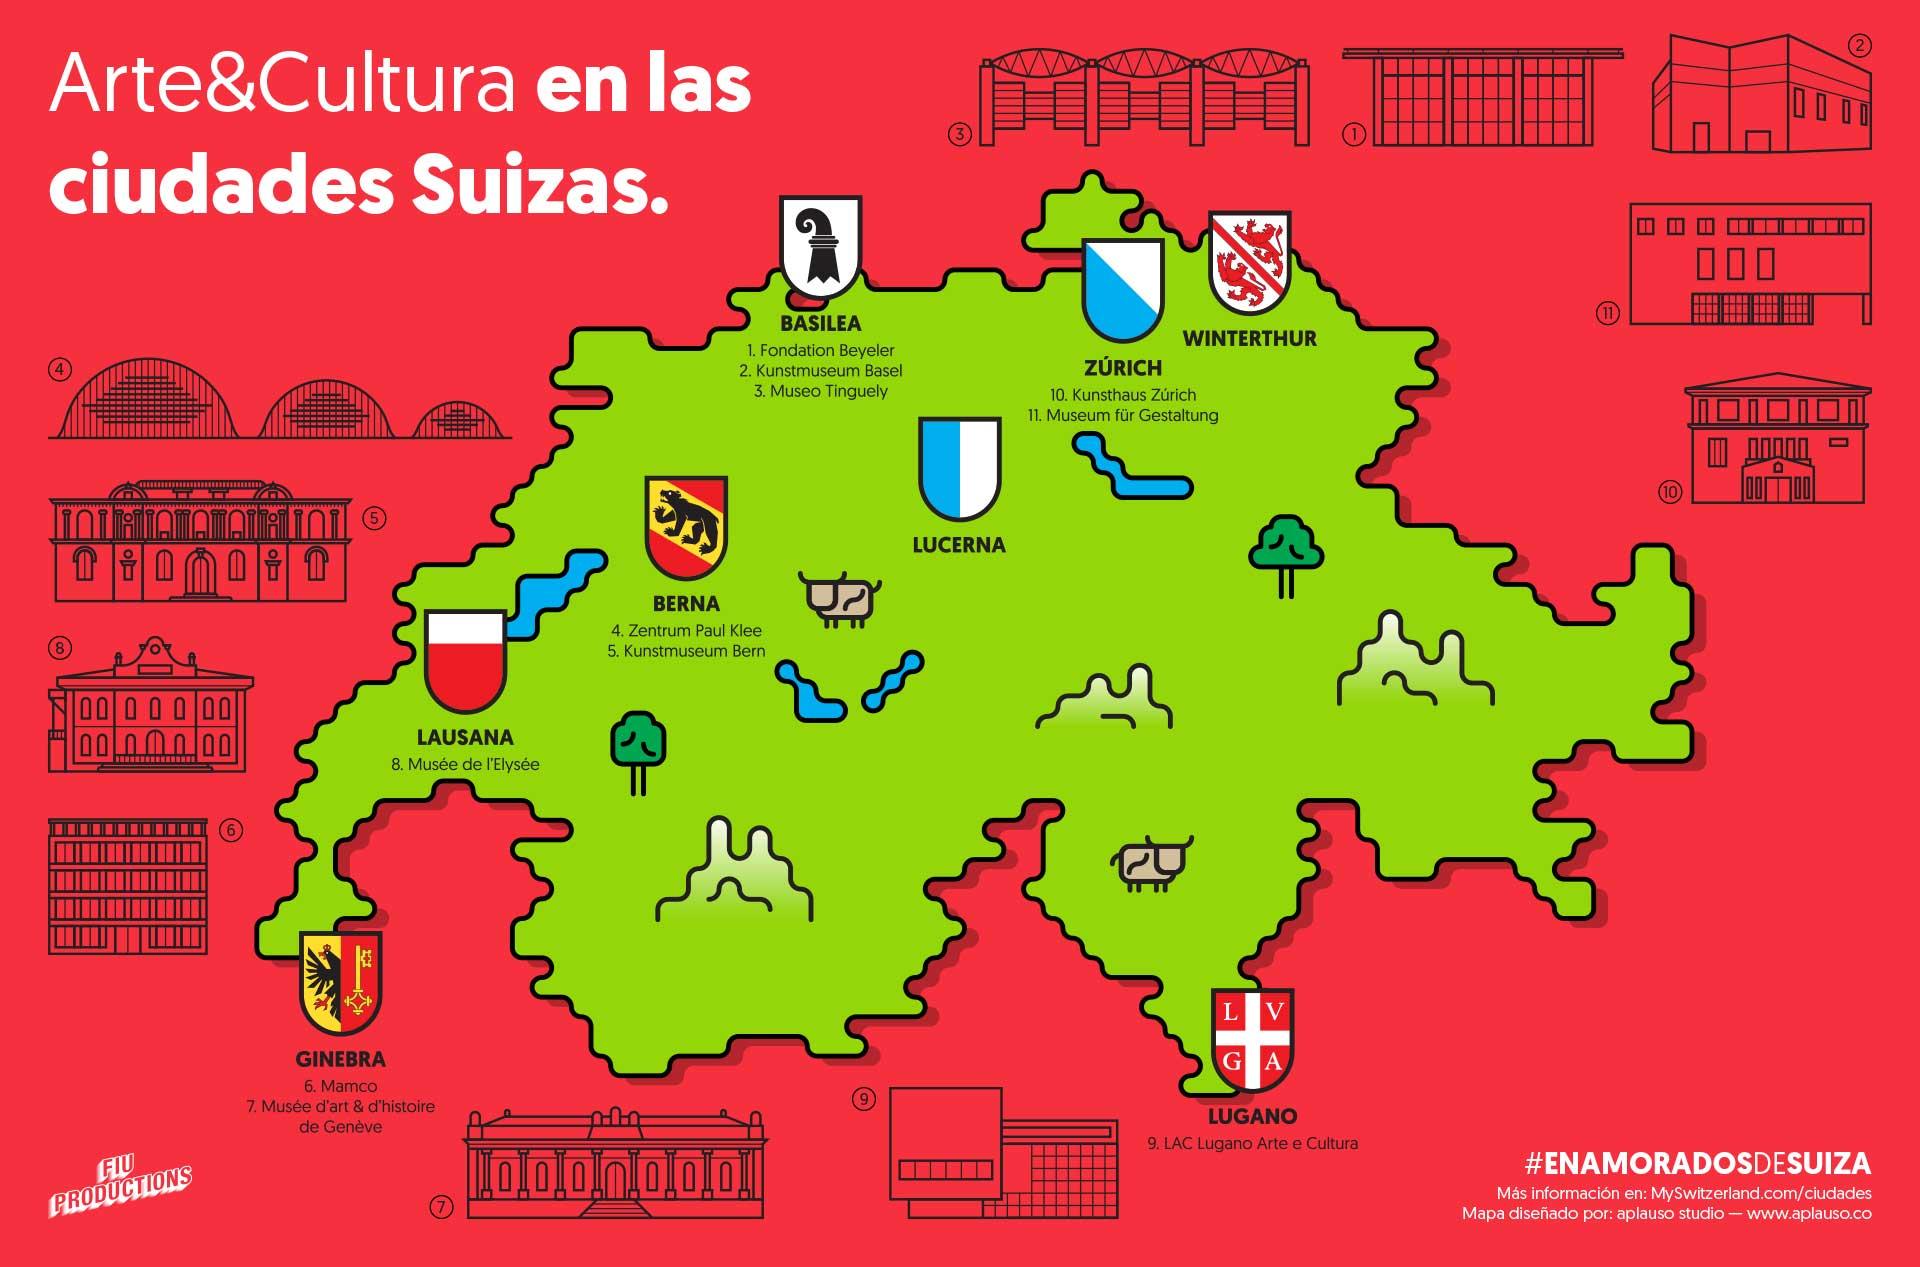 Aplauso hizo referencia a los escudos de los cantones suizos y eligió las formas geométricas incluso en los bordes del mapa.